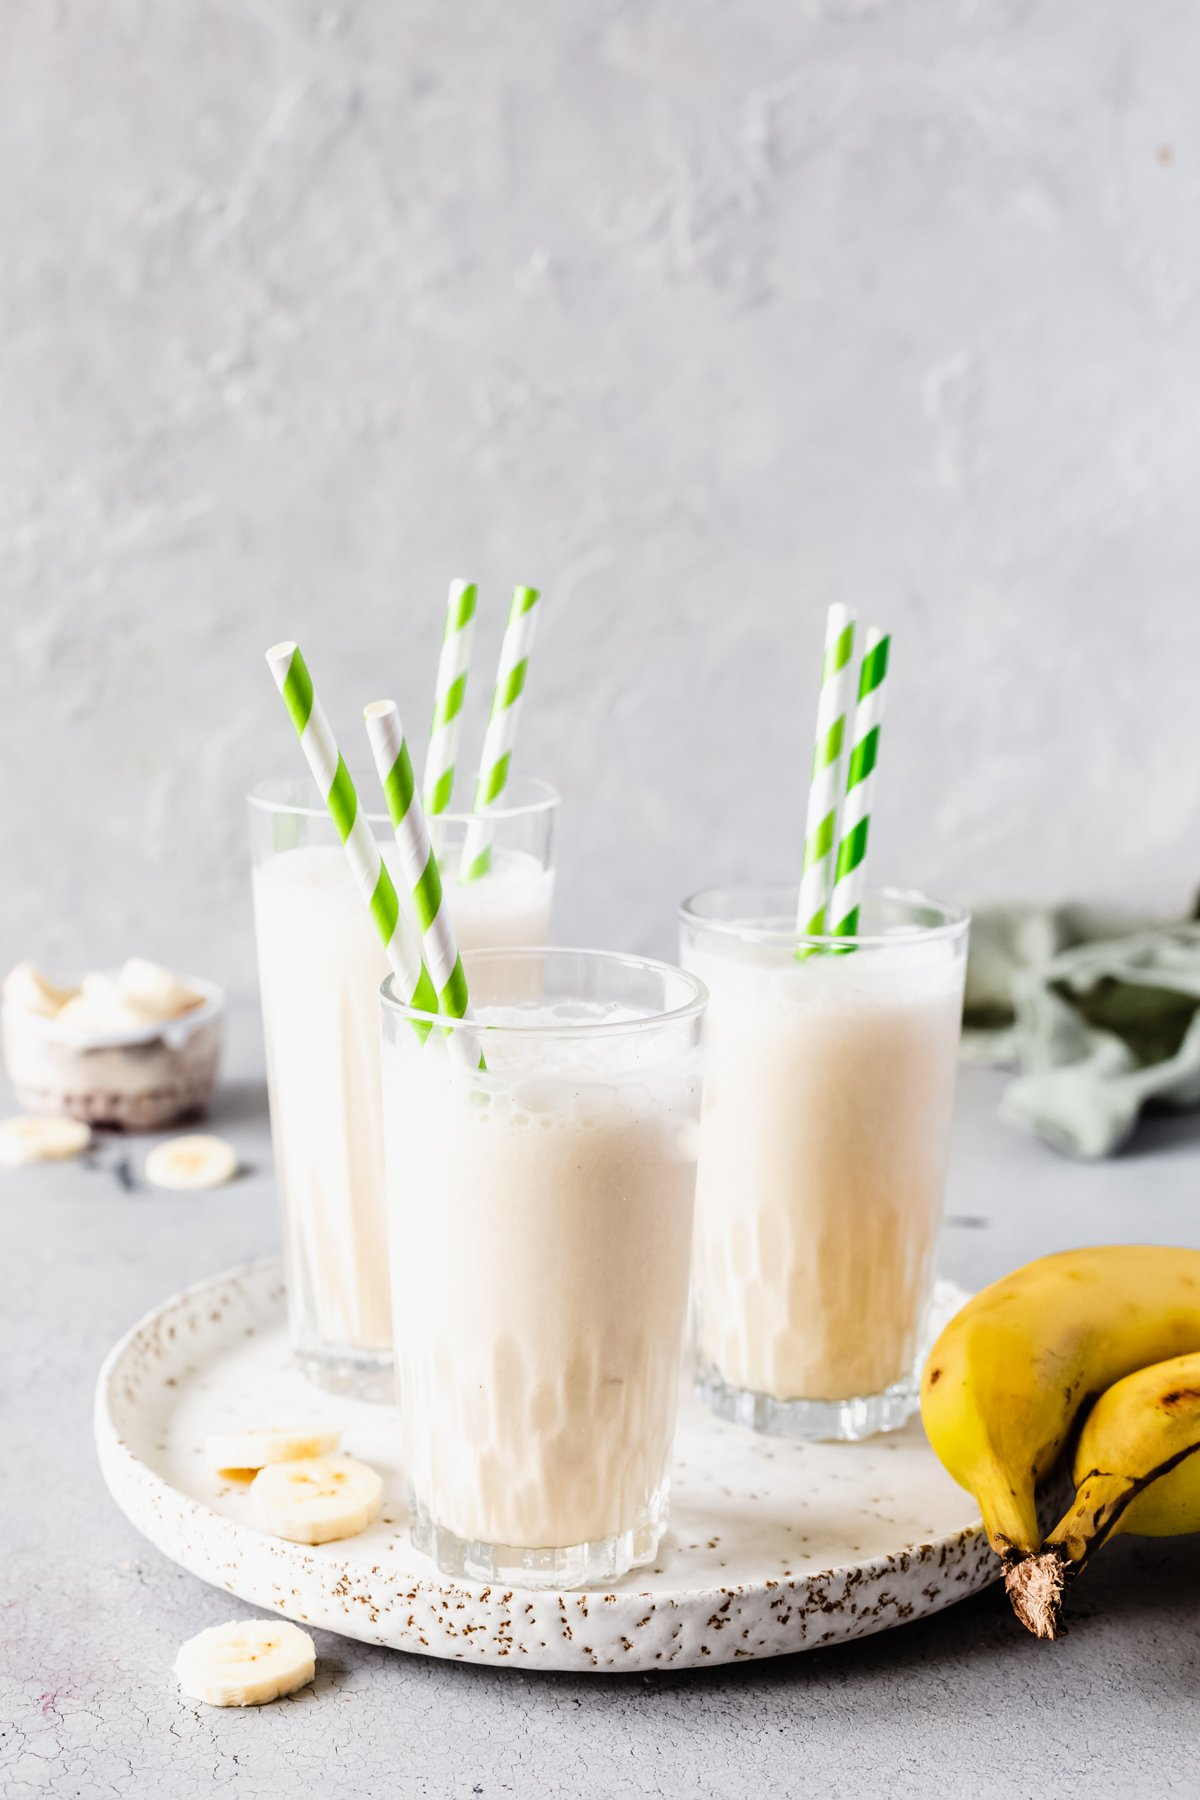 Bananen-Milchshake in drei Gläsern mit Strohhalmen